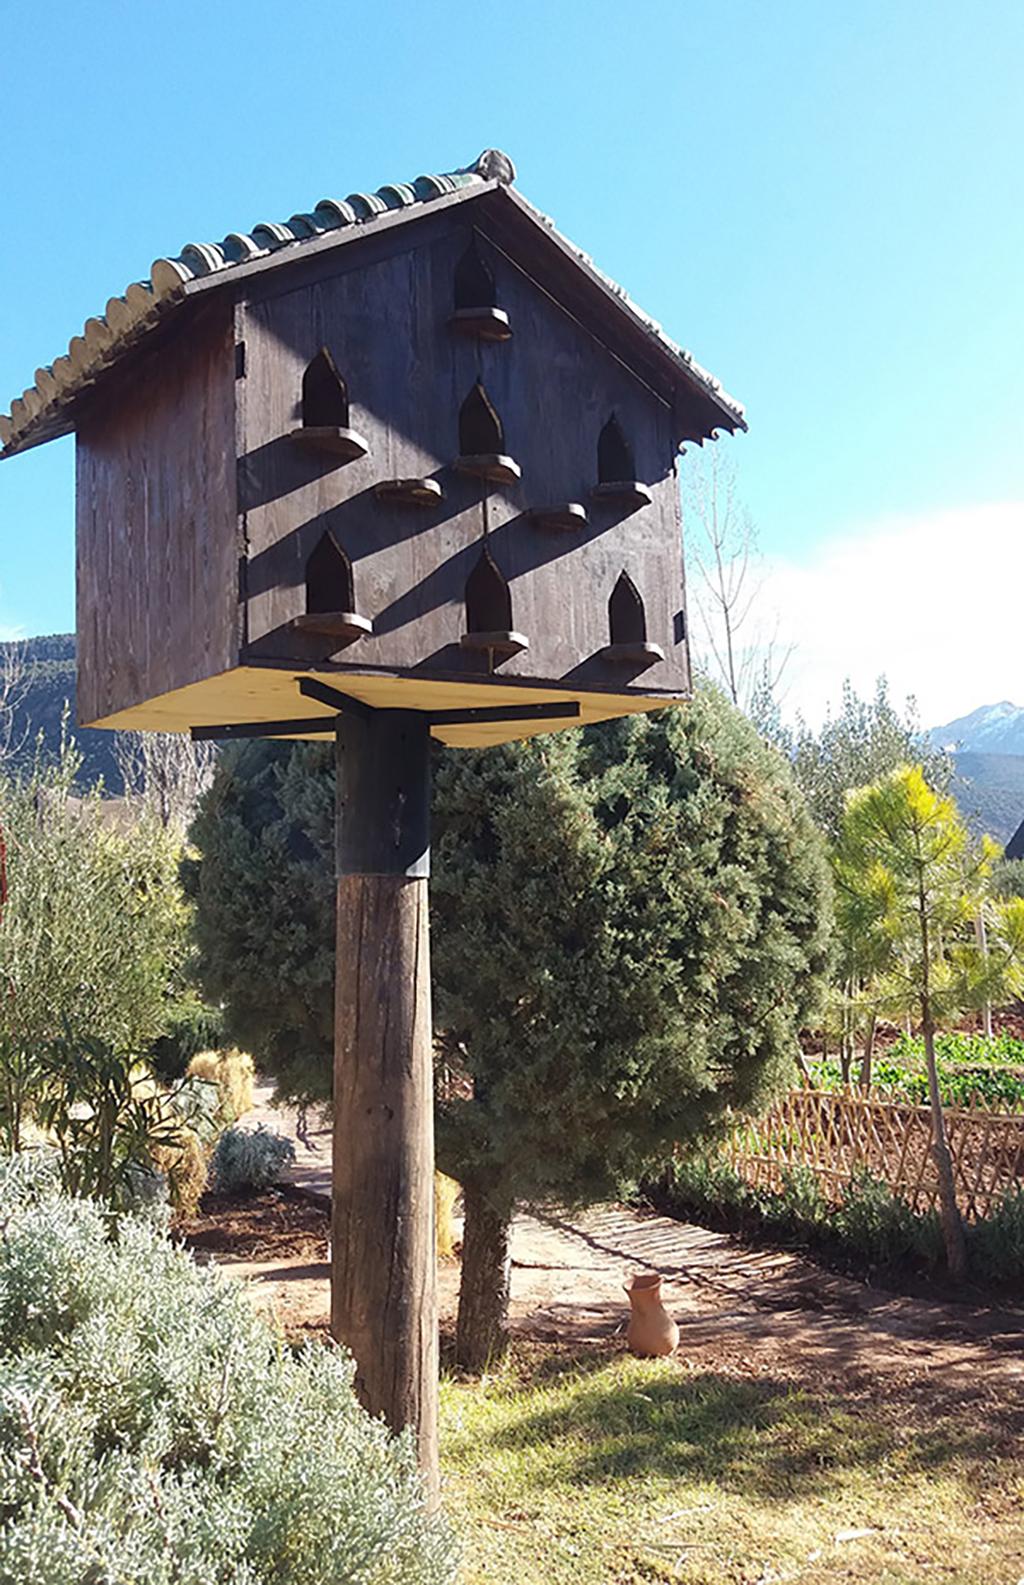 Bird house at Kasbah Tamadot